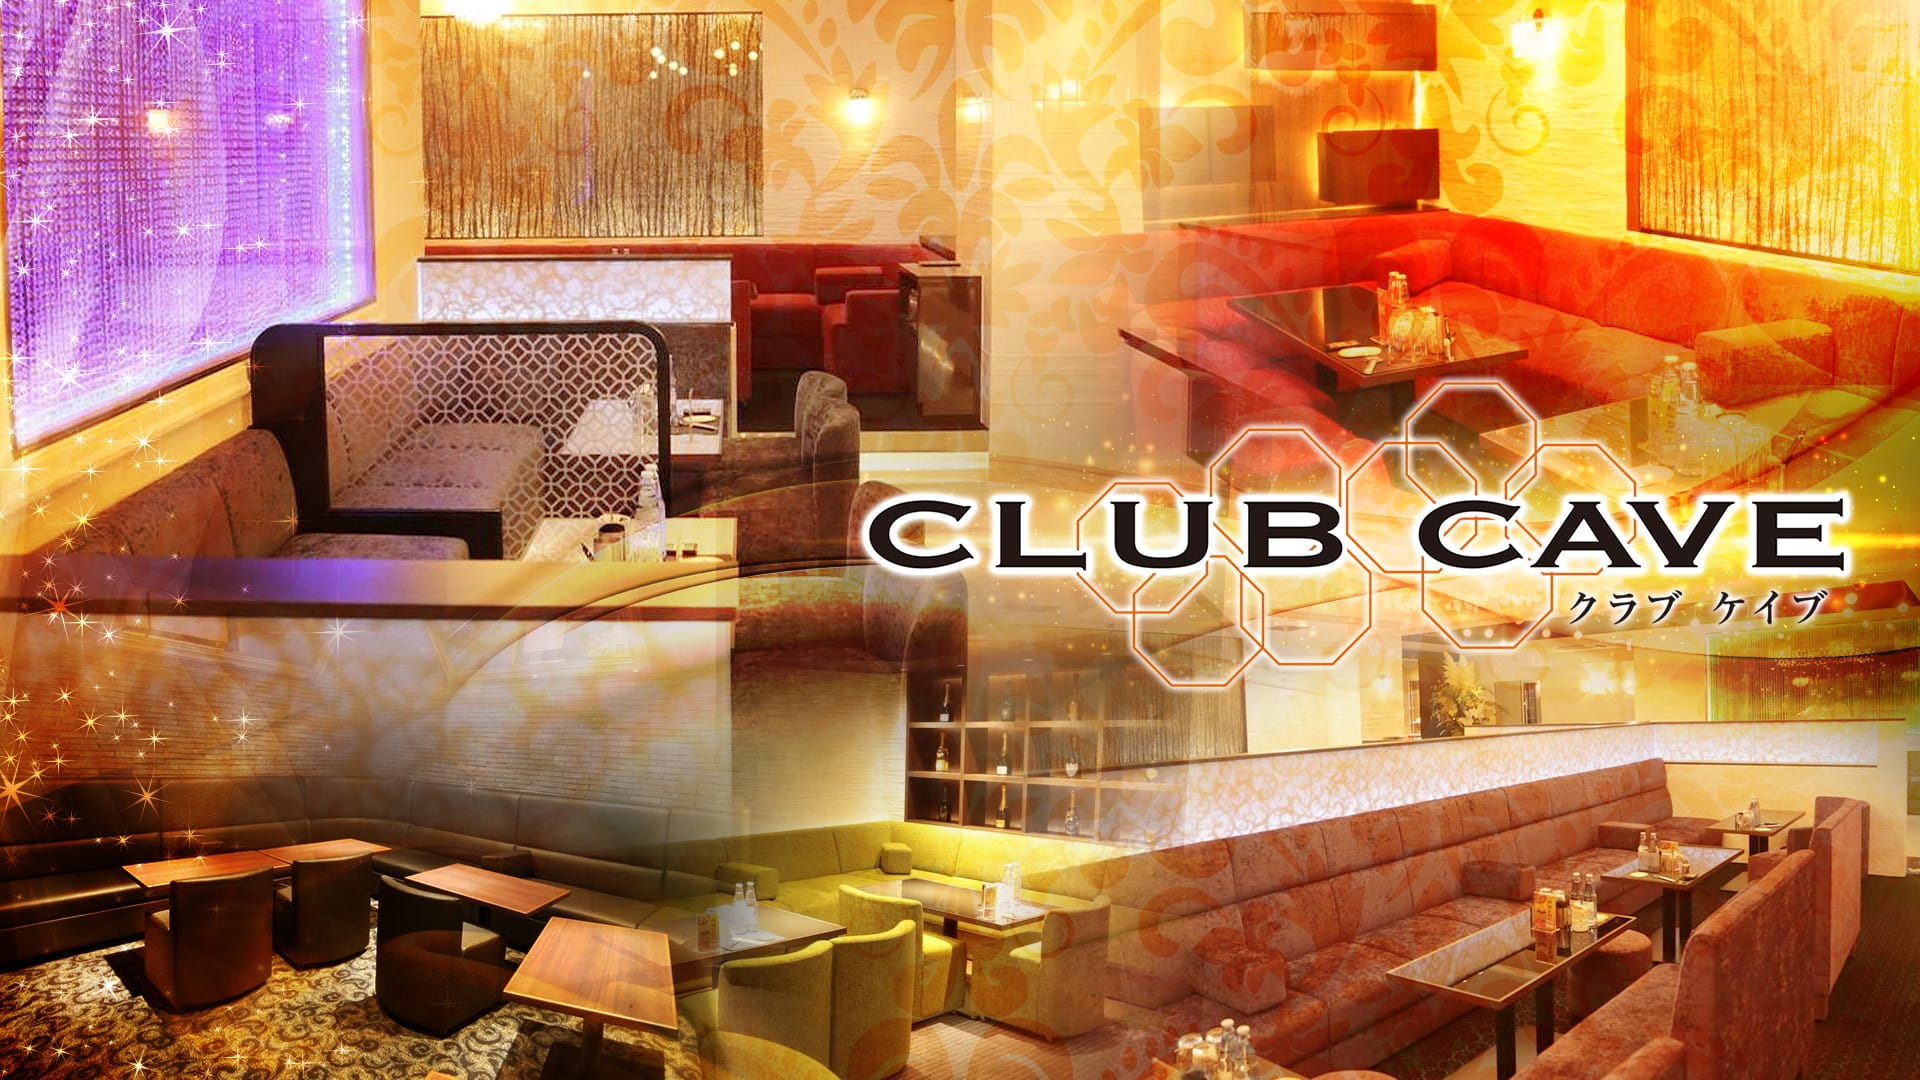 CLUB CAVE (ケイブ) 中洲キャバクラ TOP画像